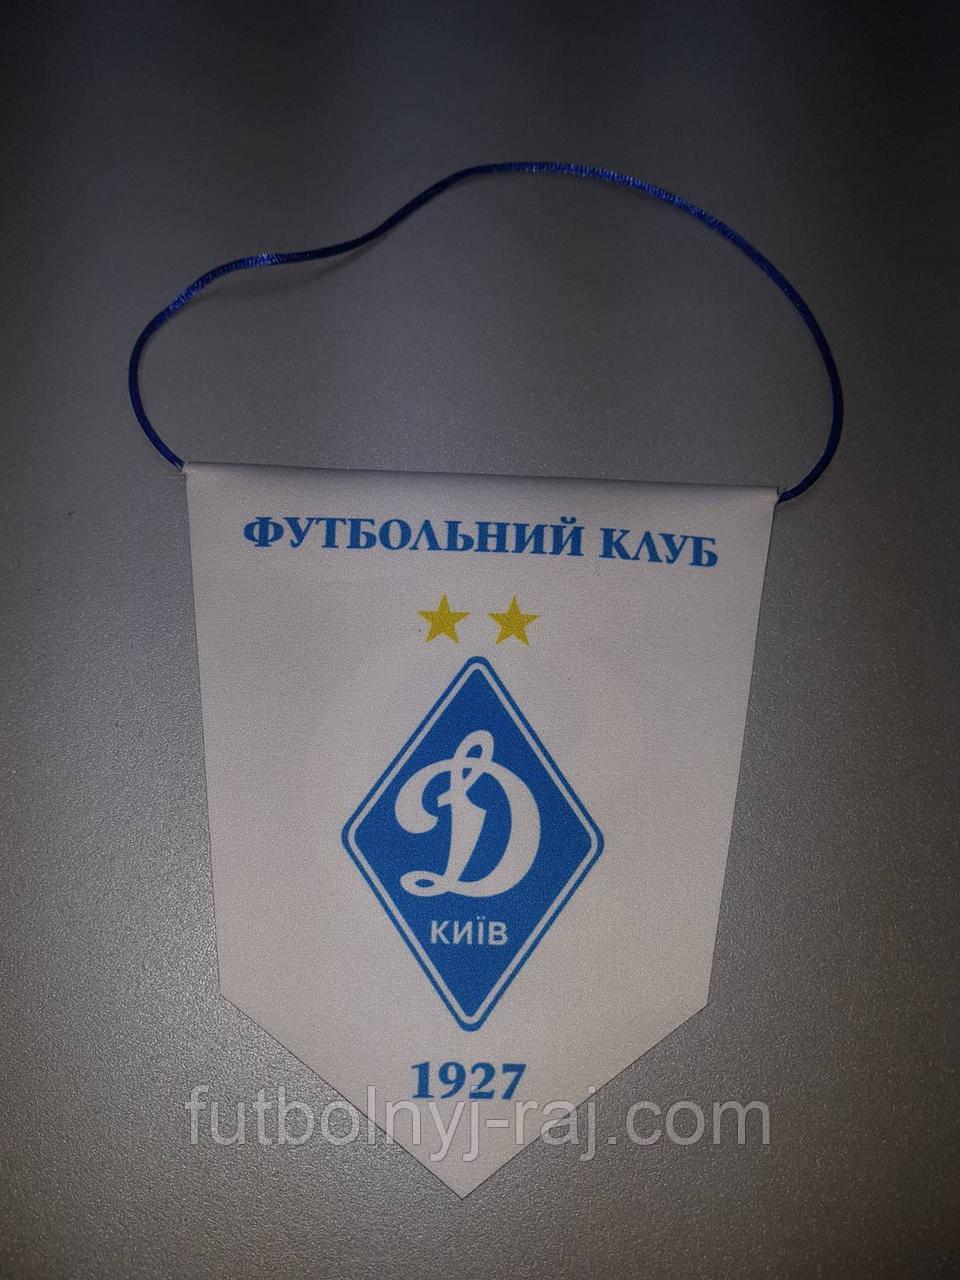 Вимпел футбольний із зображенням герба ФК Динамо Київ